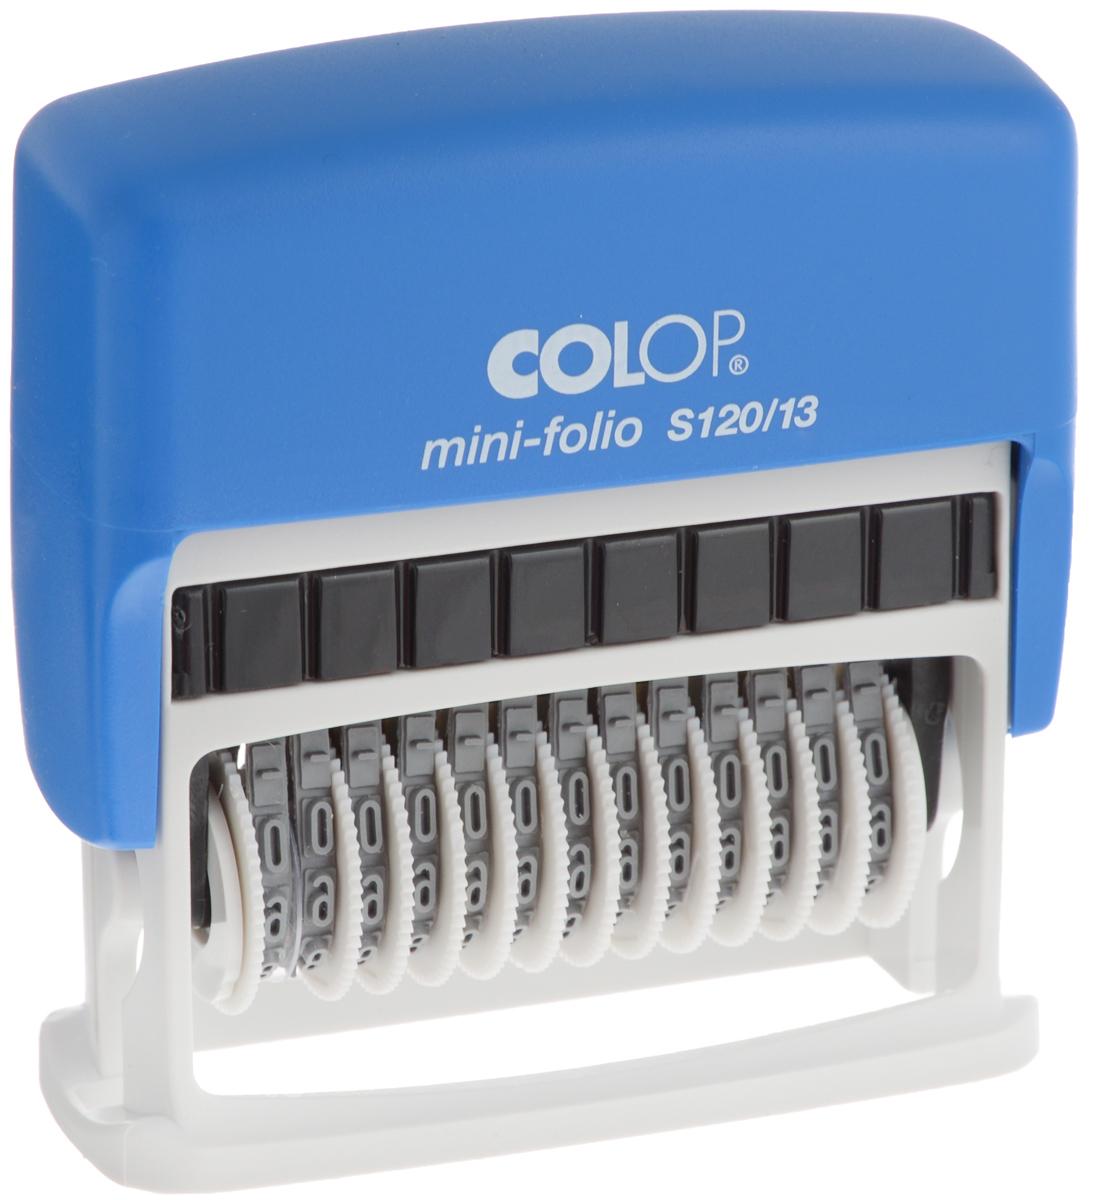 Colop Мини-нумератор тринадцатиразрядный 4 мм -  Печати, штампы